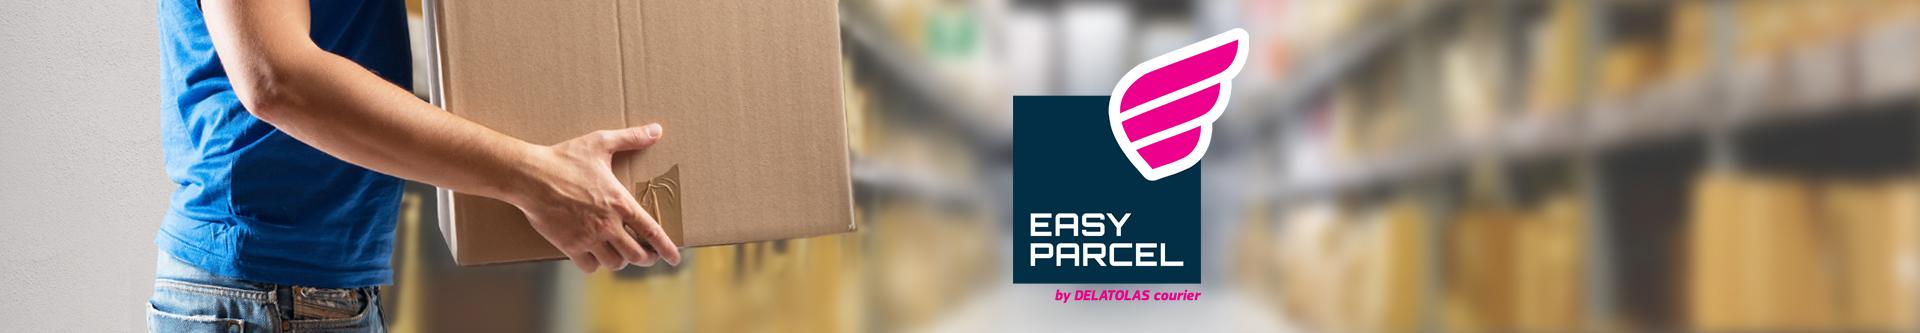 easy parcel delatolas courier